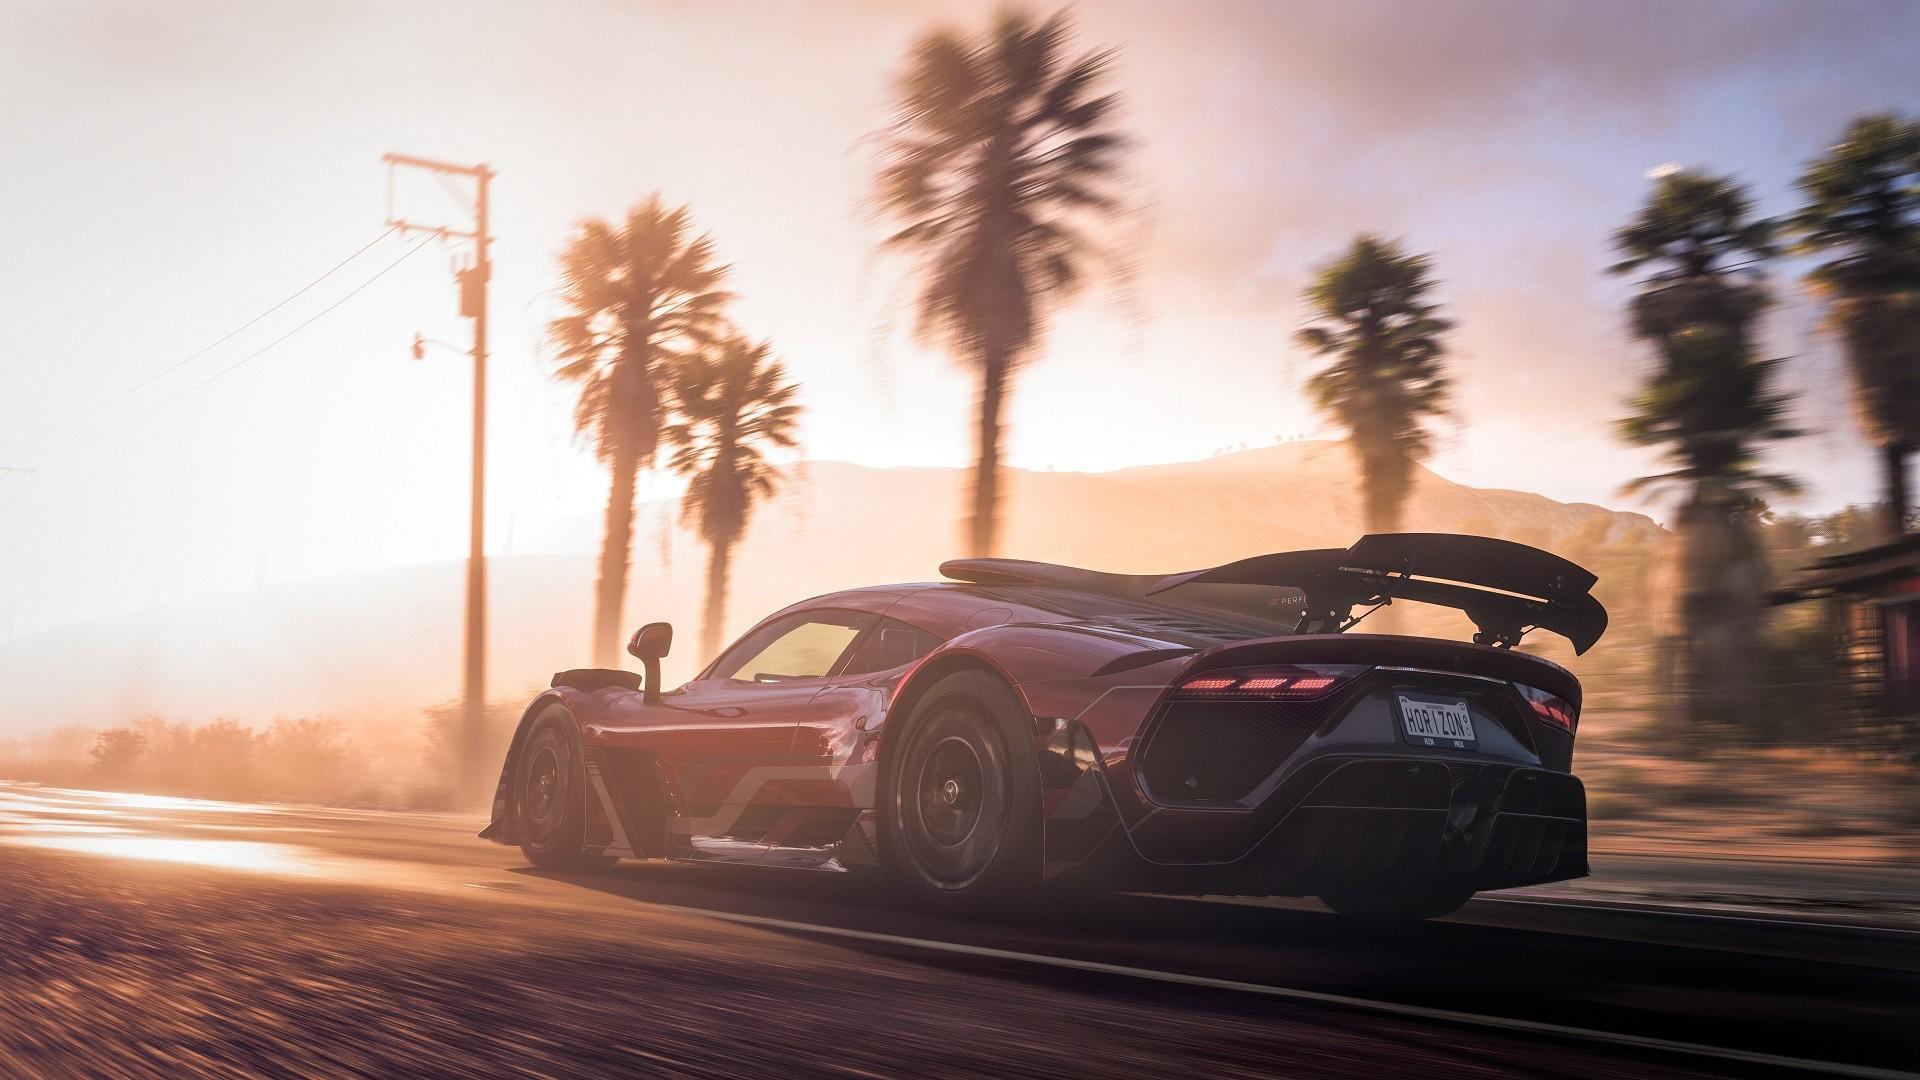 Forza Horizon 5: особенности PC-версии и тактильная обратная связь геймпада Xbox в Steam